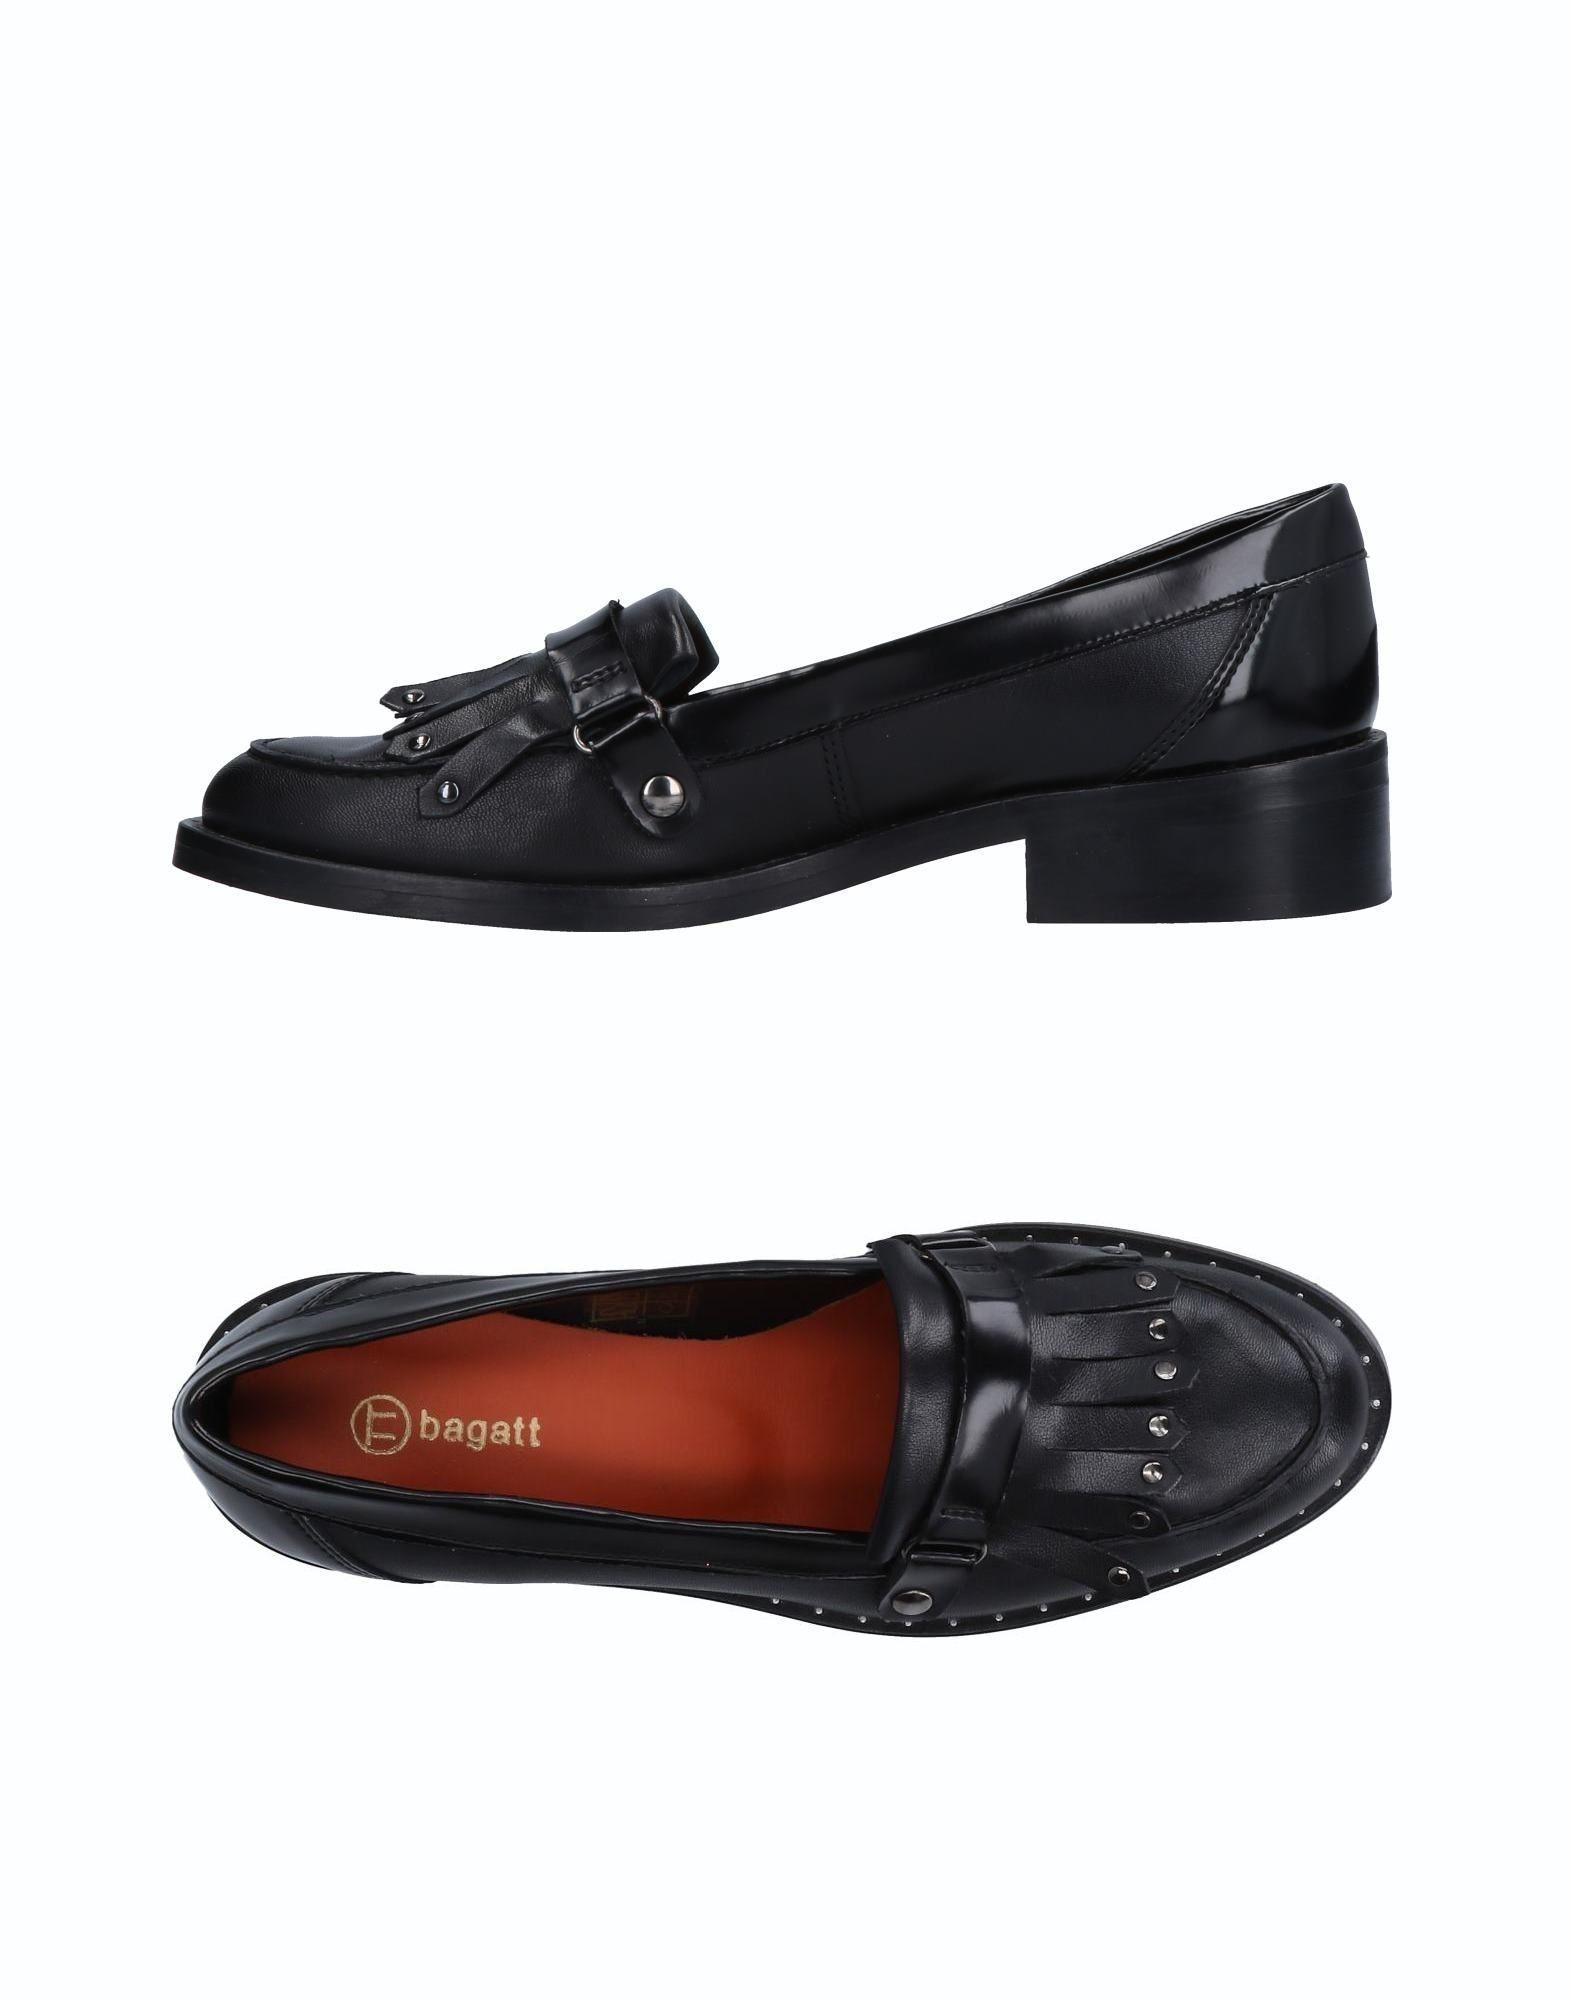 Bagatt Mokassins Damen  11510496GA Gute Qualität beliebte Schuhe